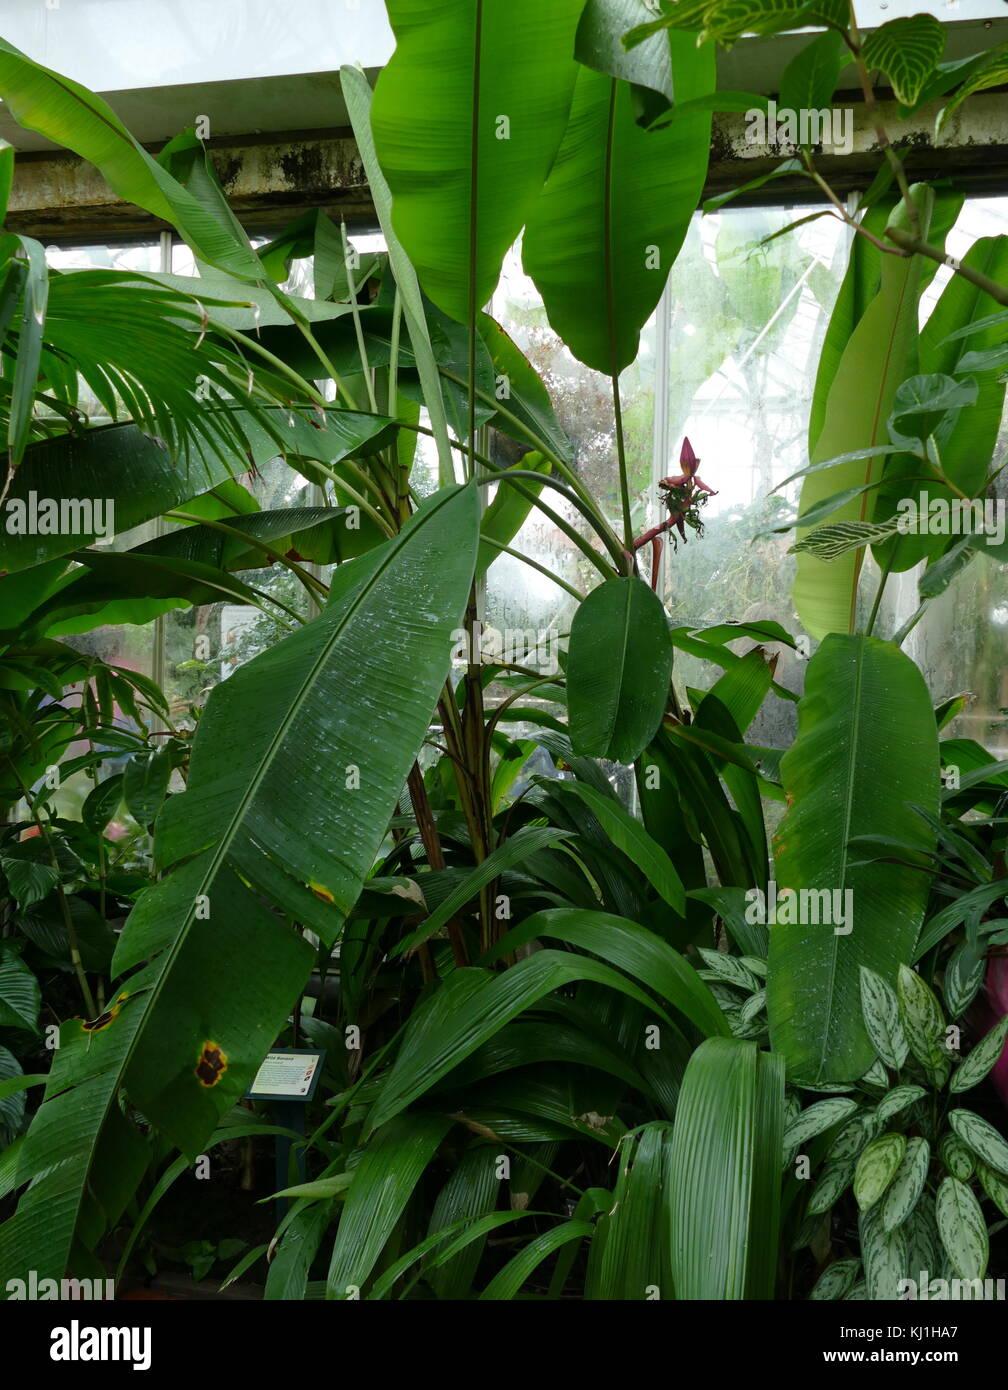 Plant De Banane Des Canaries La Banane Est Un Fruit Comestible